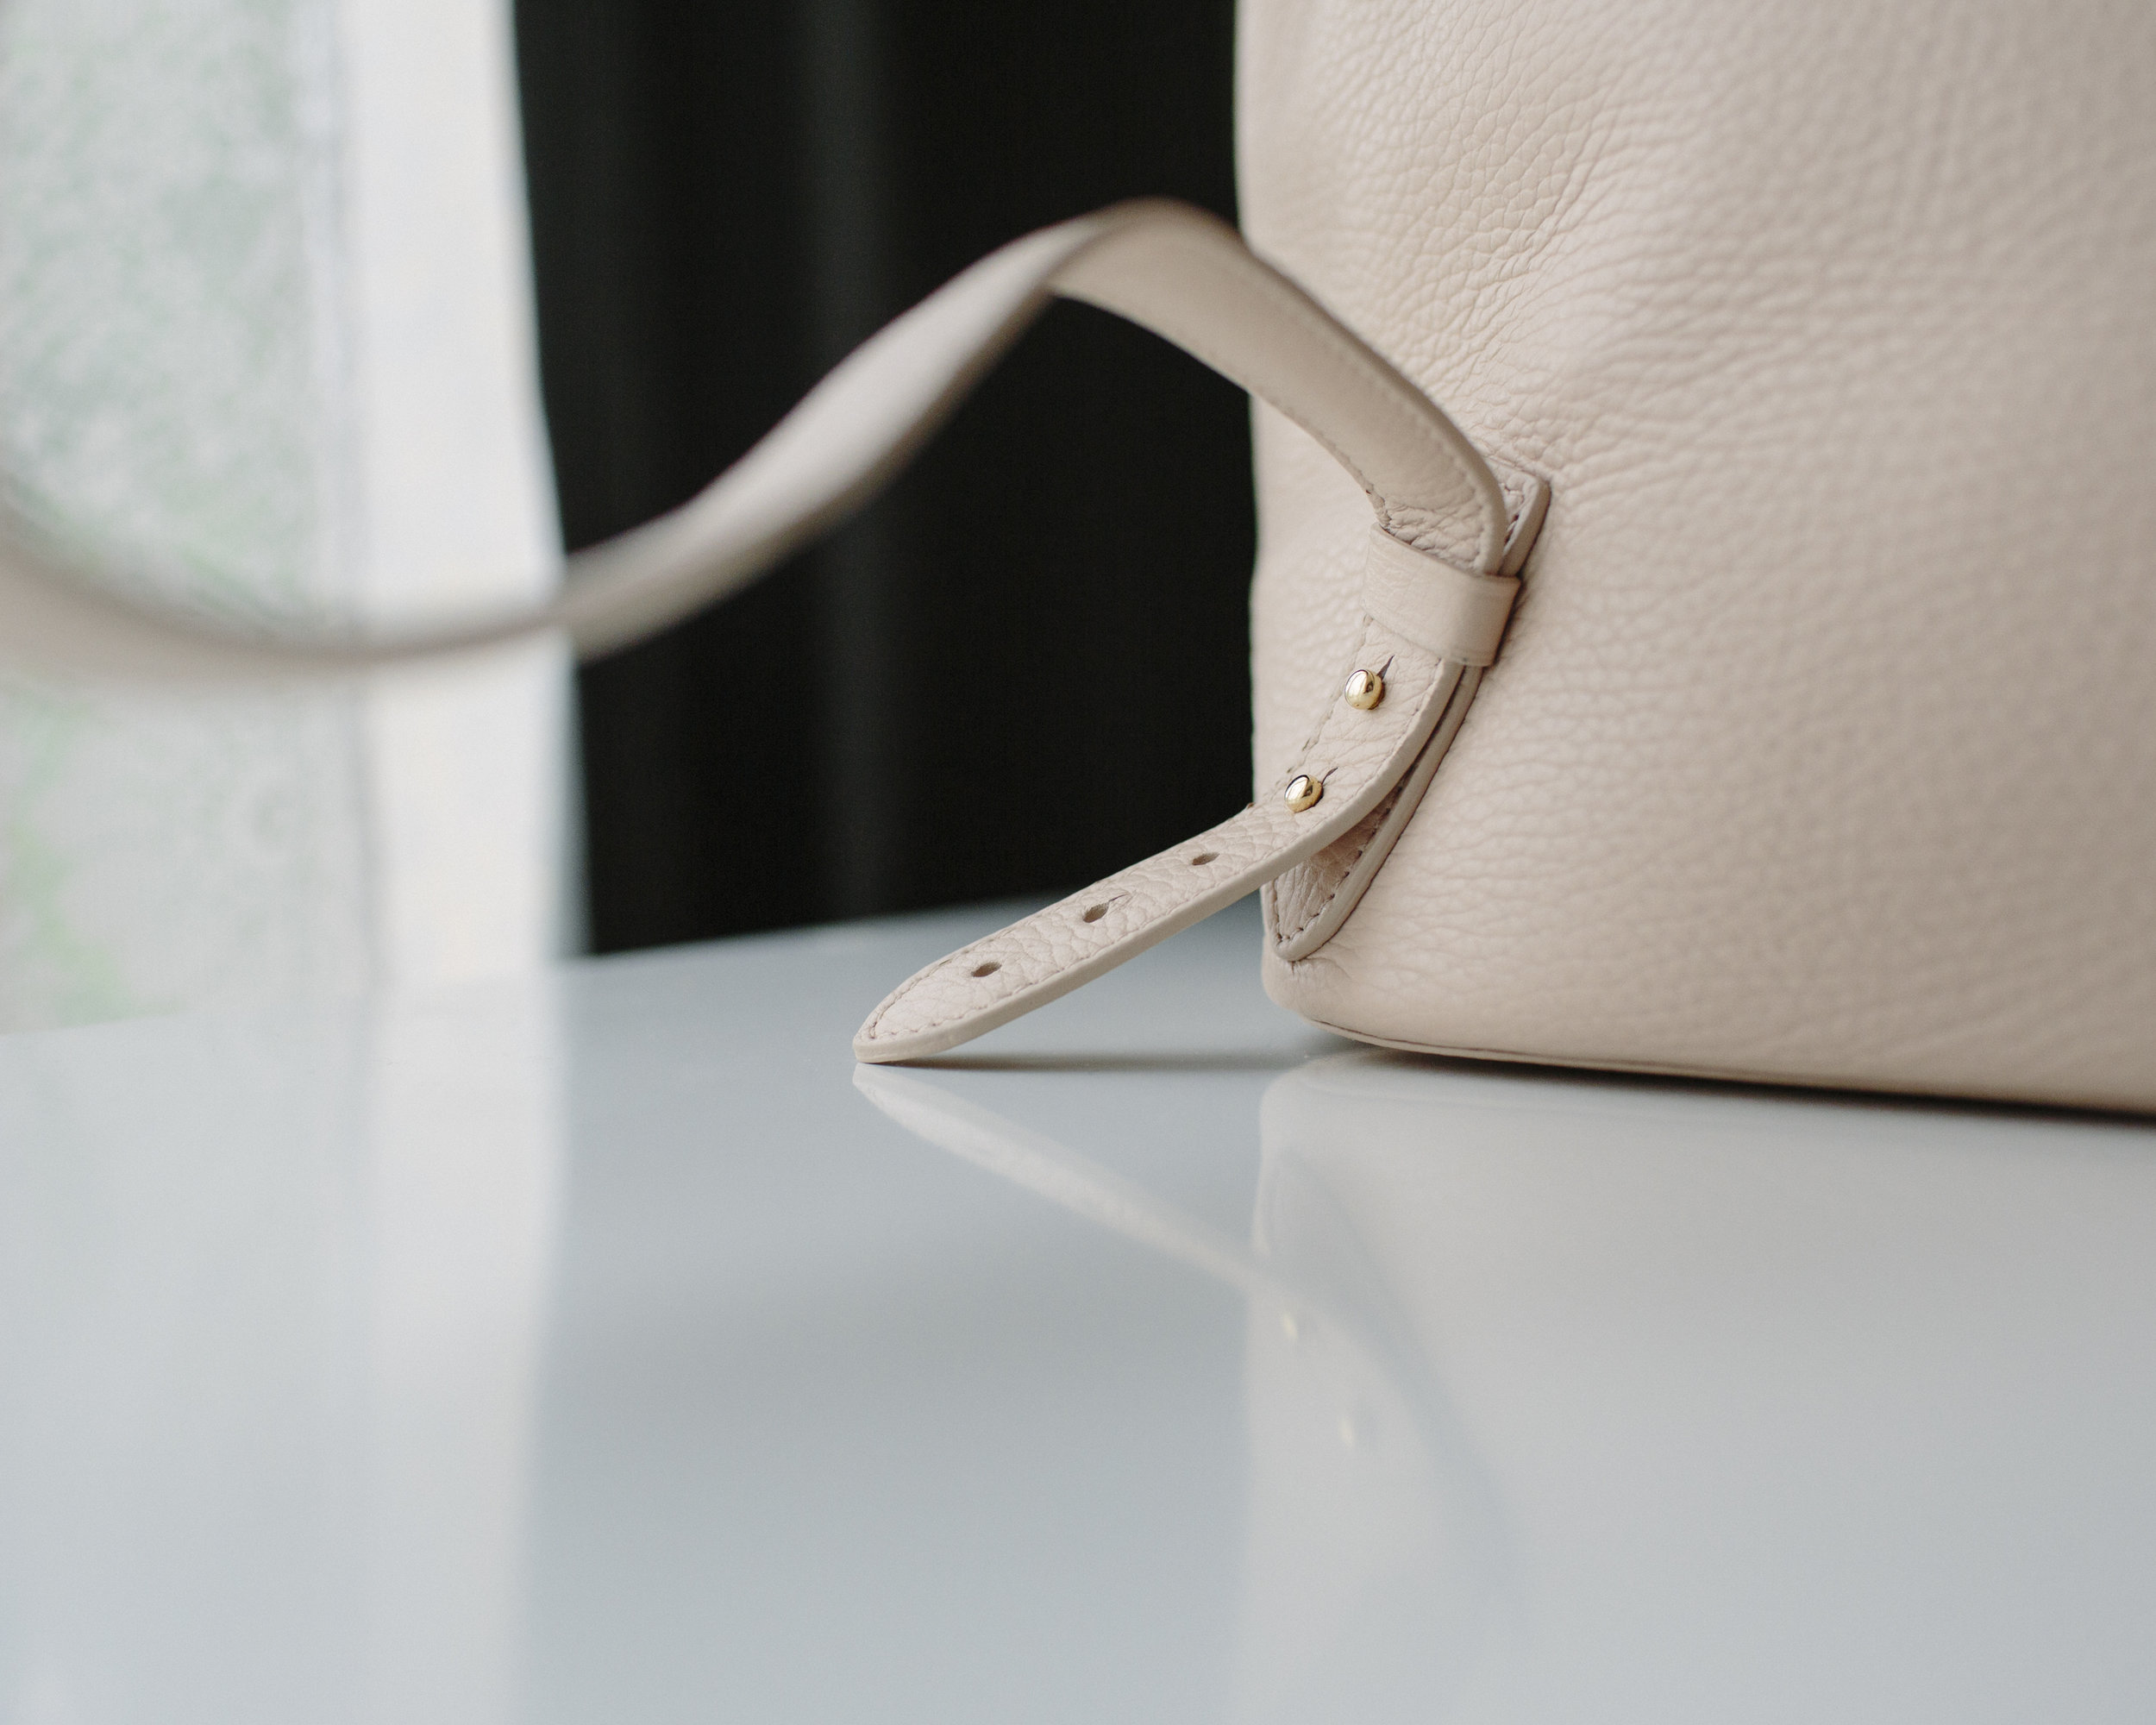 Adjustable straps.